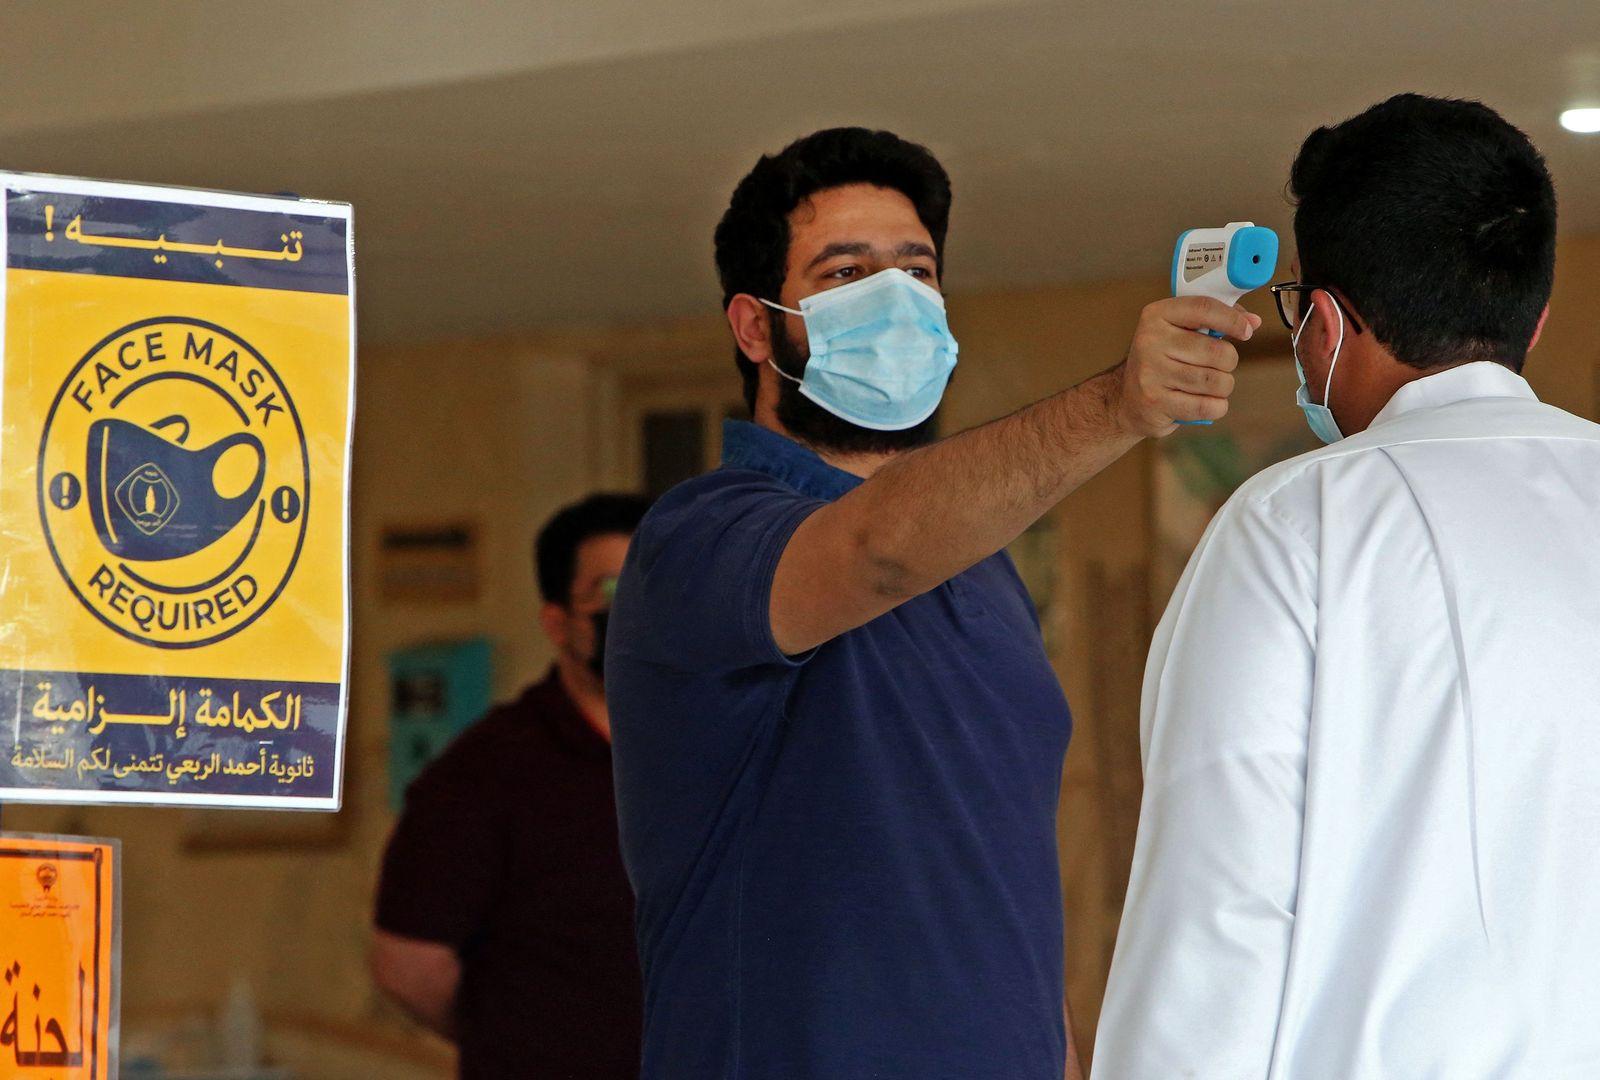 KUWAIT-HEALTH-VIRUS-SCHOOL